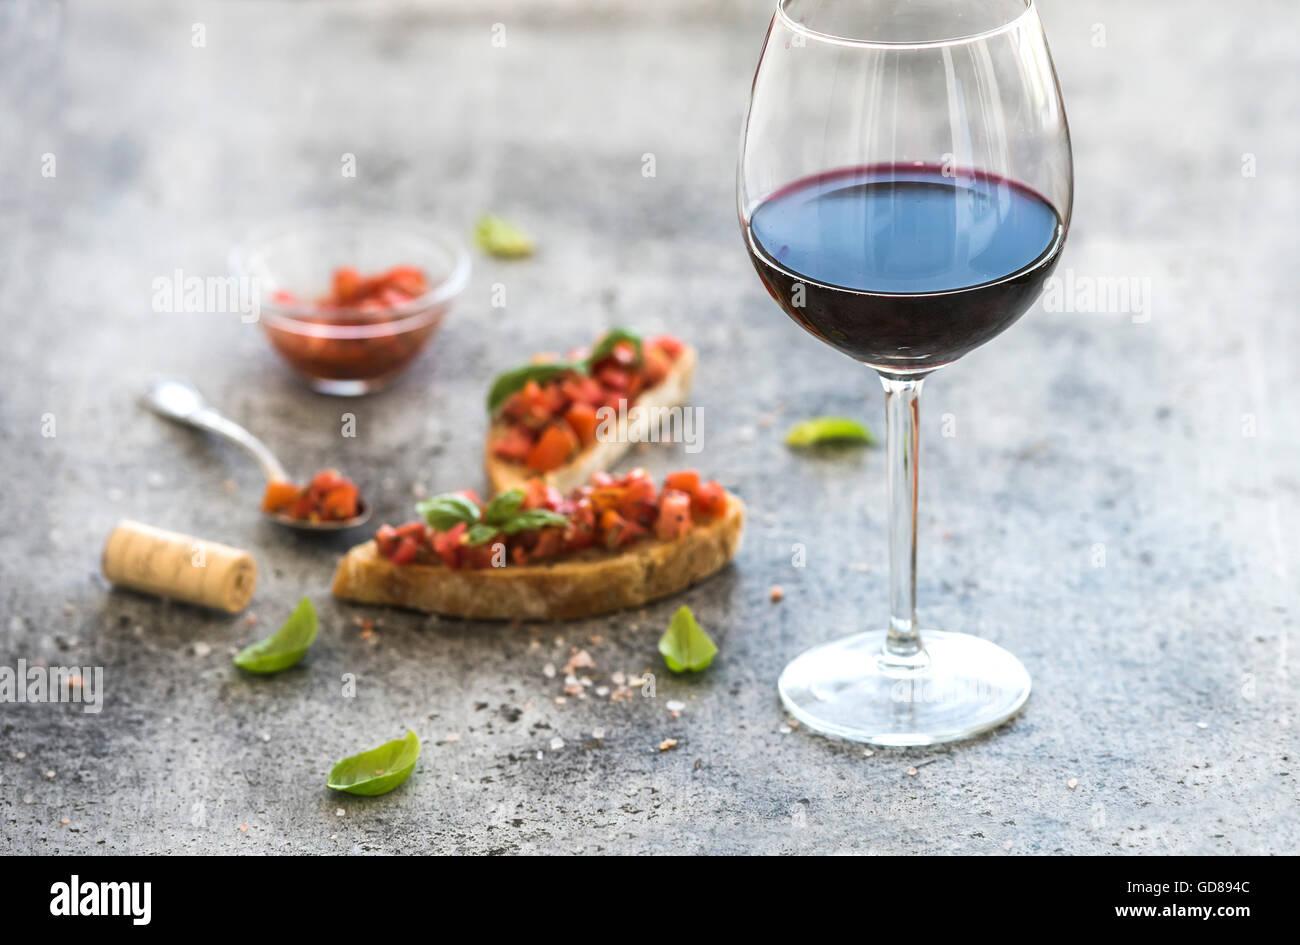 Verre de vin rouge et des canapés aux tomates et basilic, selective focus, composition horizontale Photo Stock